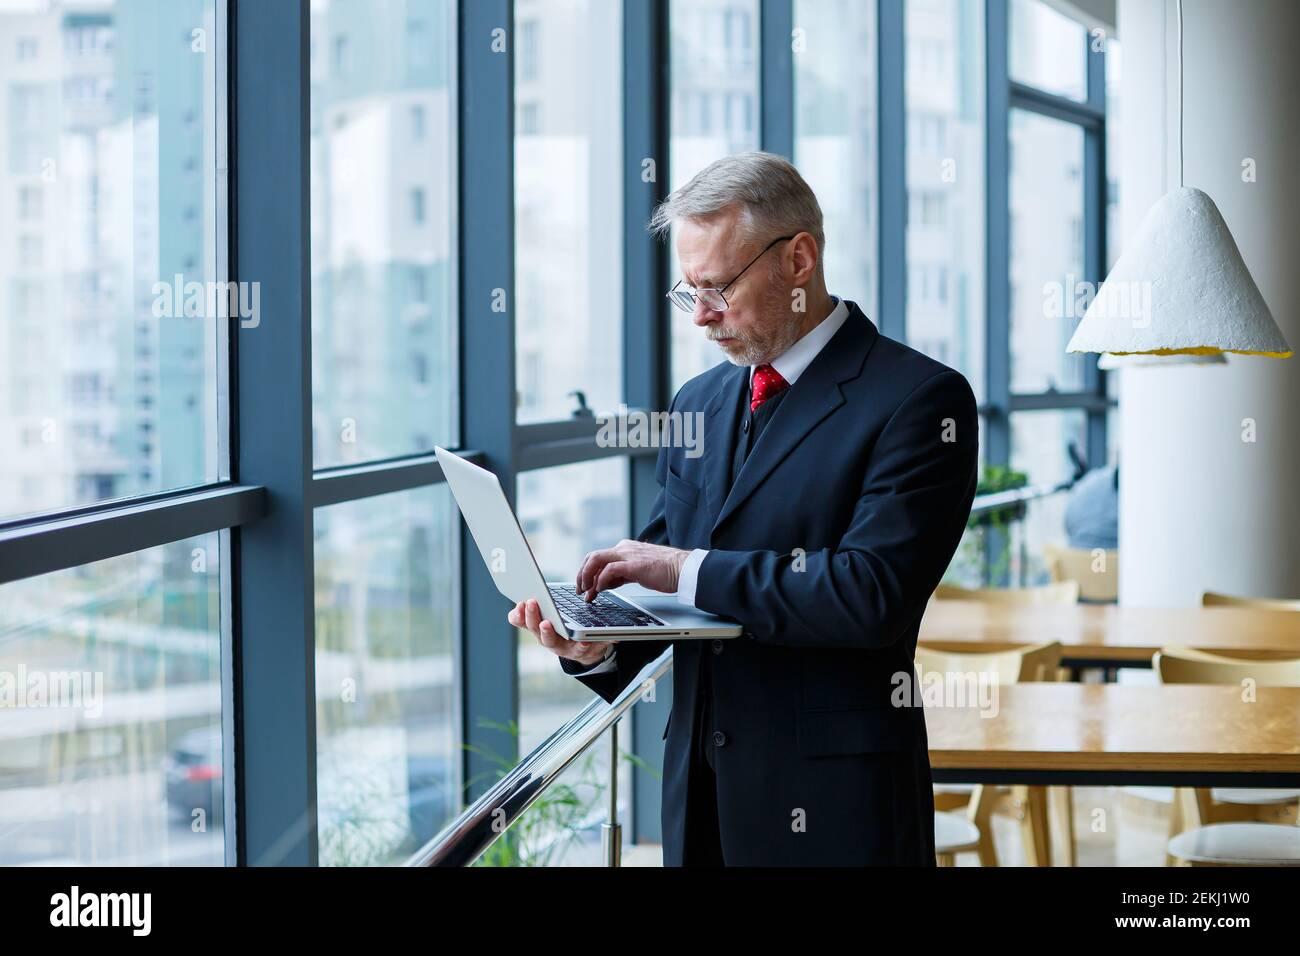 Sourire heureux directeur général pense à son développement de carrière réussi tout en se tenant debout avec un ordinateur portable dans son bureau près de l'arrière-plan d'une victoire Banque D'Images